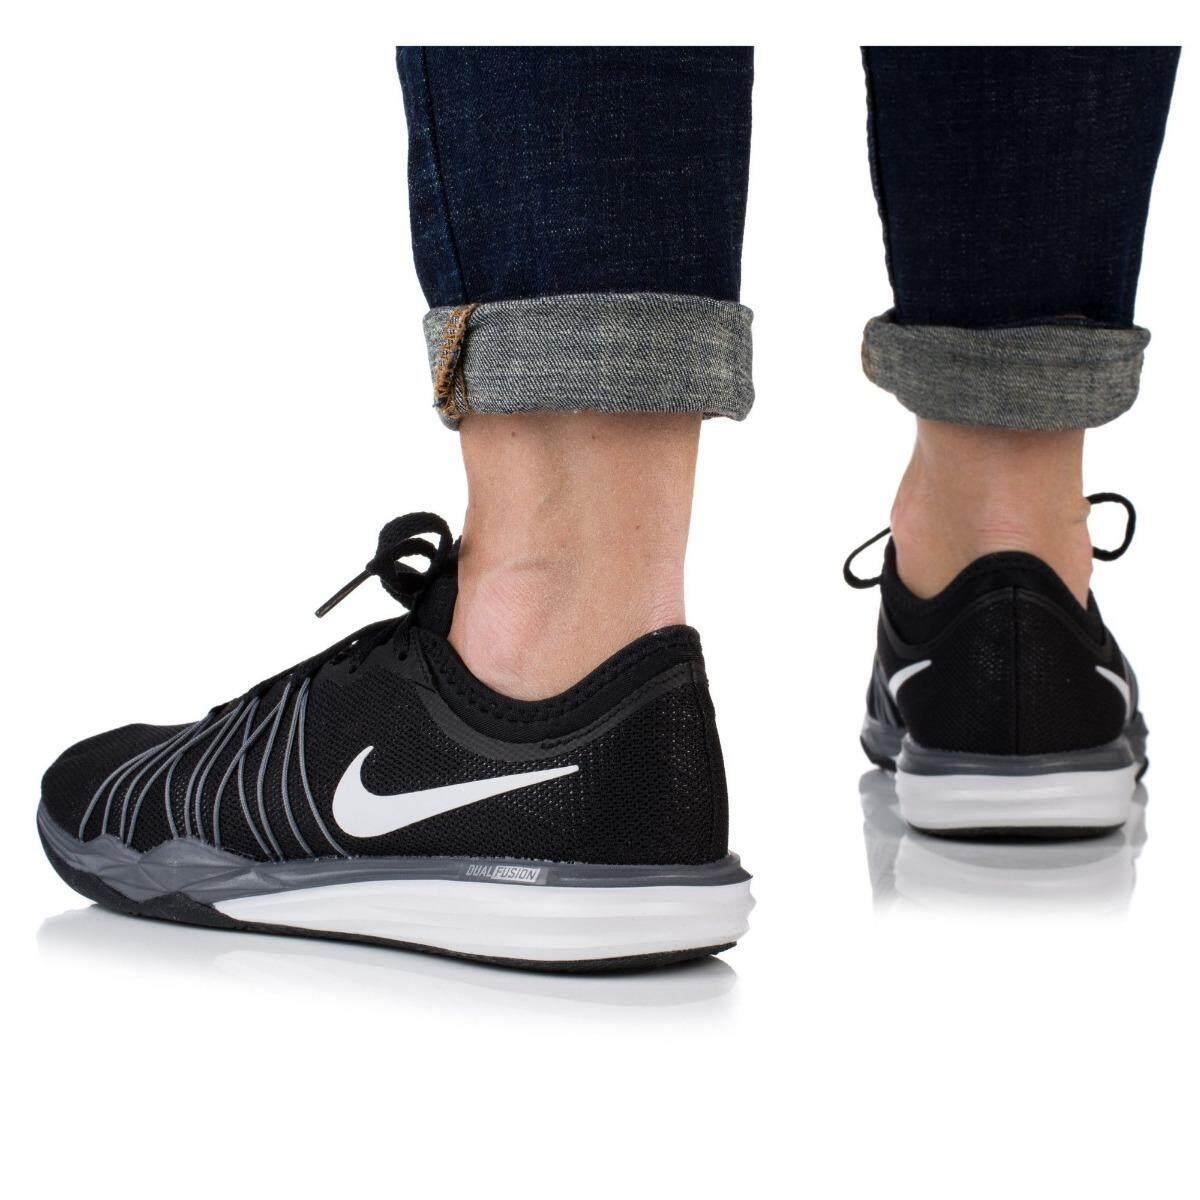 ลดสุดๆ NIKE รองเท้าผ้าใบ ไนท์กี้ Dual Fusion Hit  (Grey/Black -สัมผัสเบาอย่างเป็นธรรมชาติ) ++ของแท้100% พร้อมส่ง ส่งด่วน Kerry++